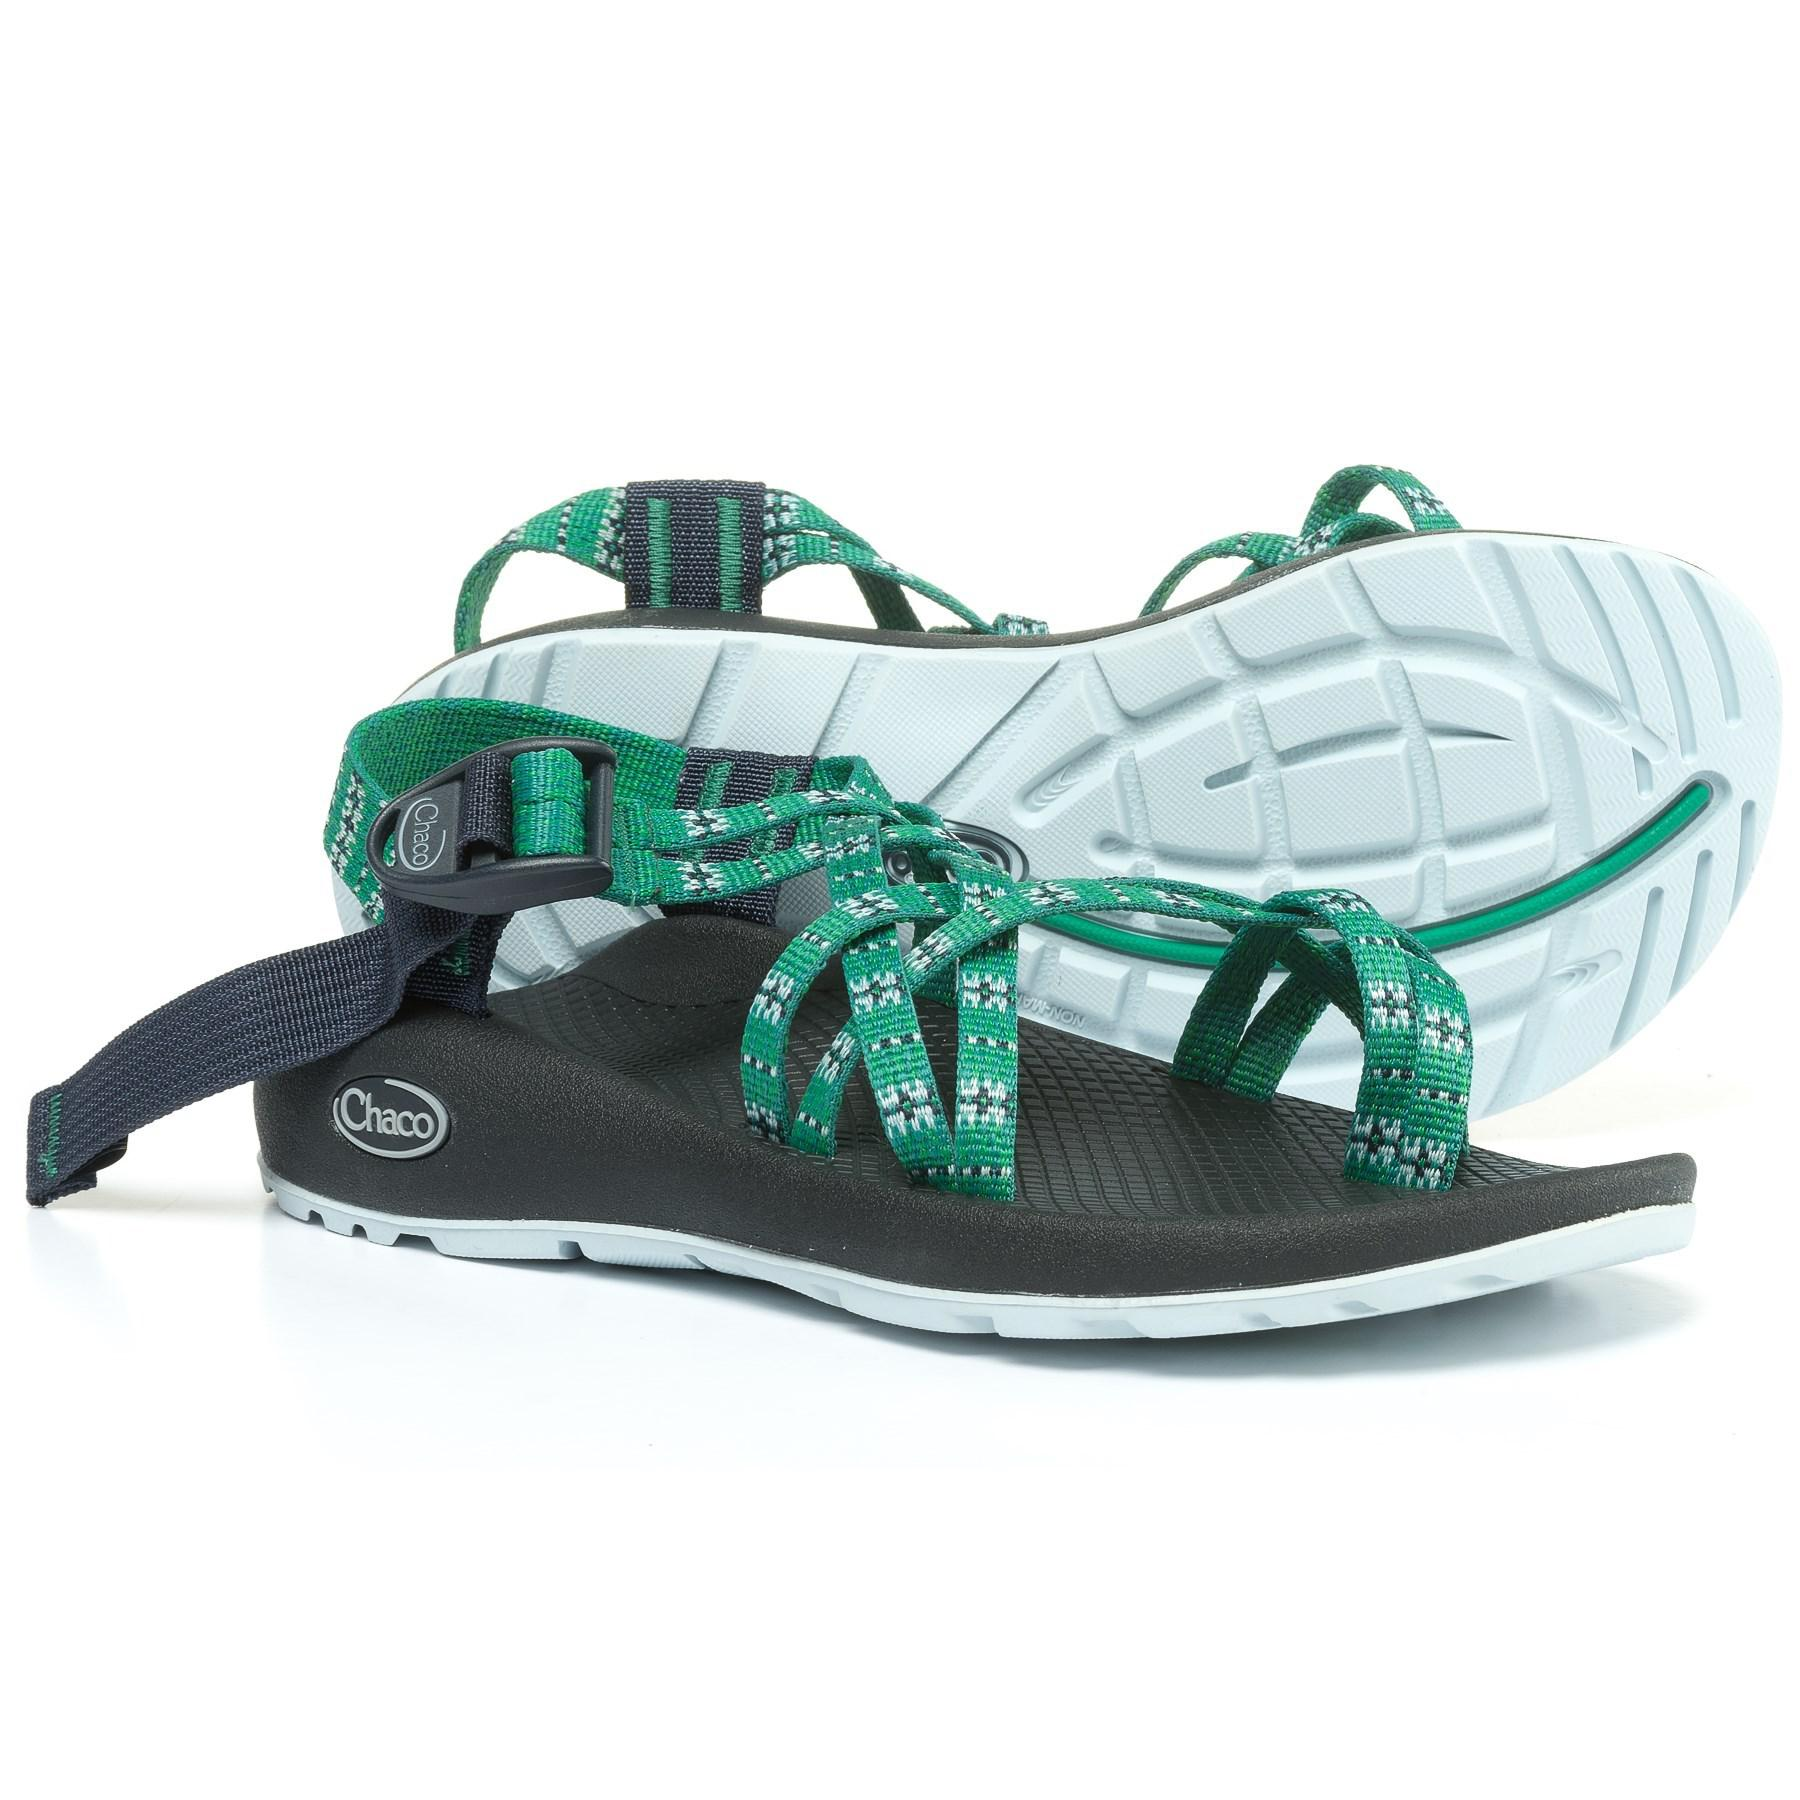 0728b38de620 Chaco - Green Zx 2® Classic Sport Sandals (for Women) - Lyst. View  fullscreen